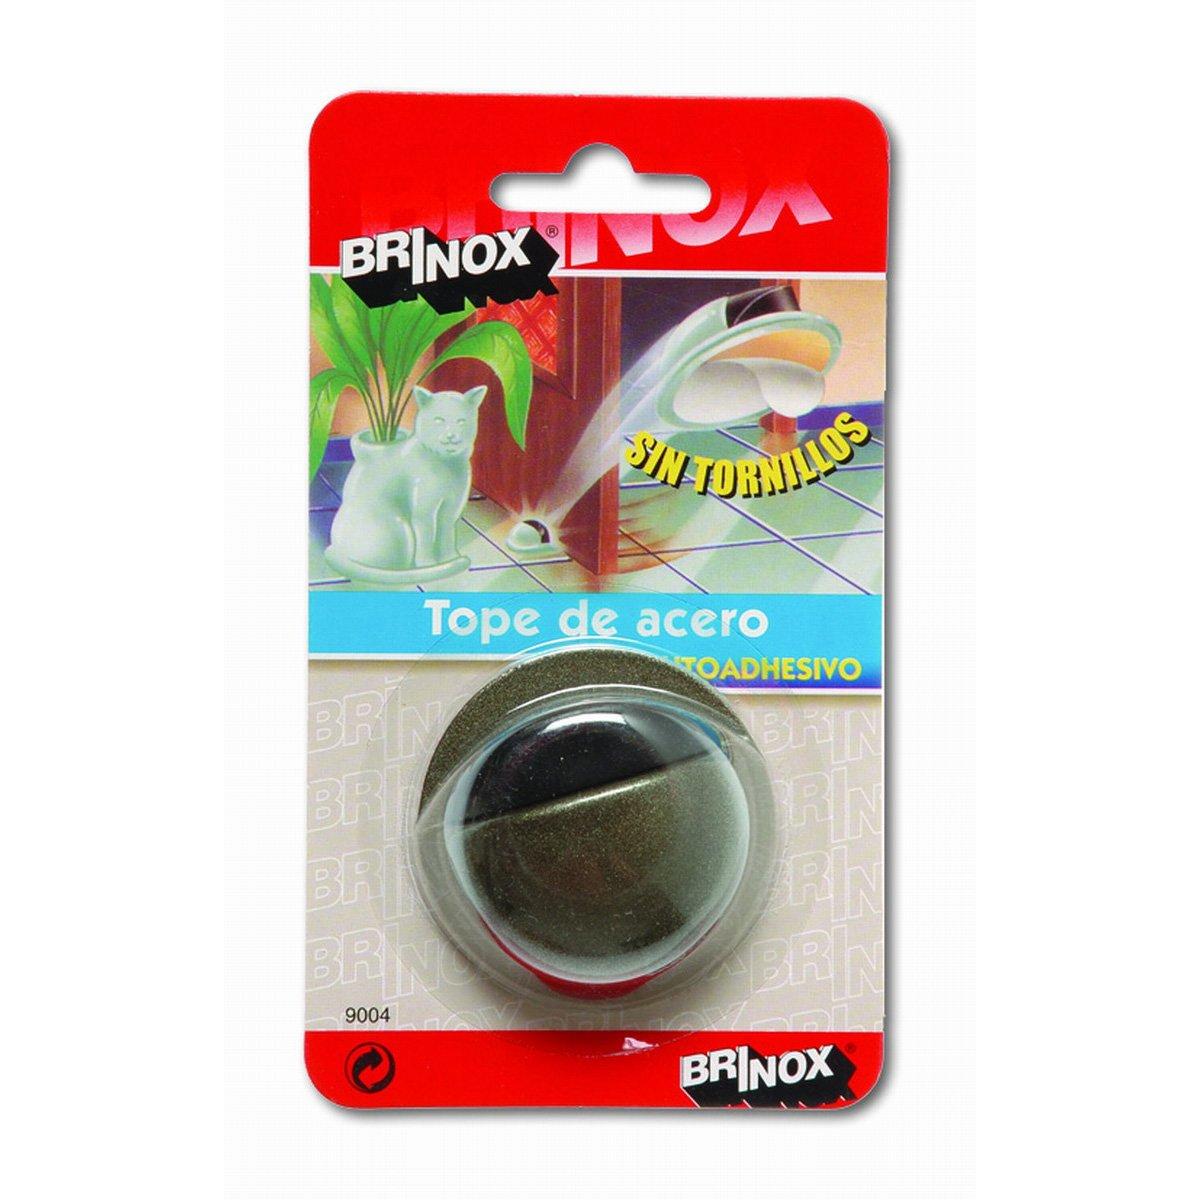 /Fermaporta in Acciaio per Porte Adesivo 2.2x4.9x4.9 cm Cromato Opaco Brinox/